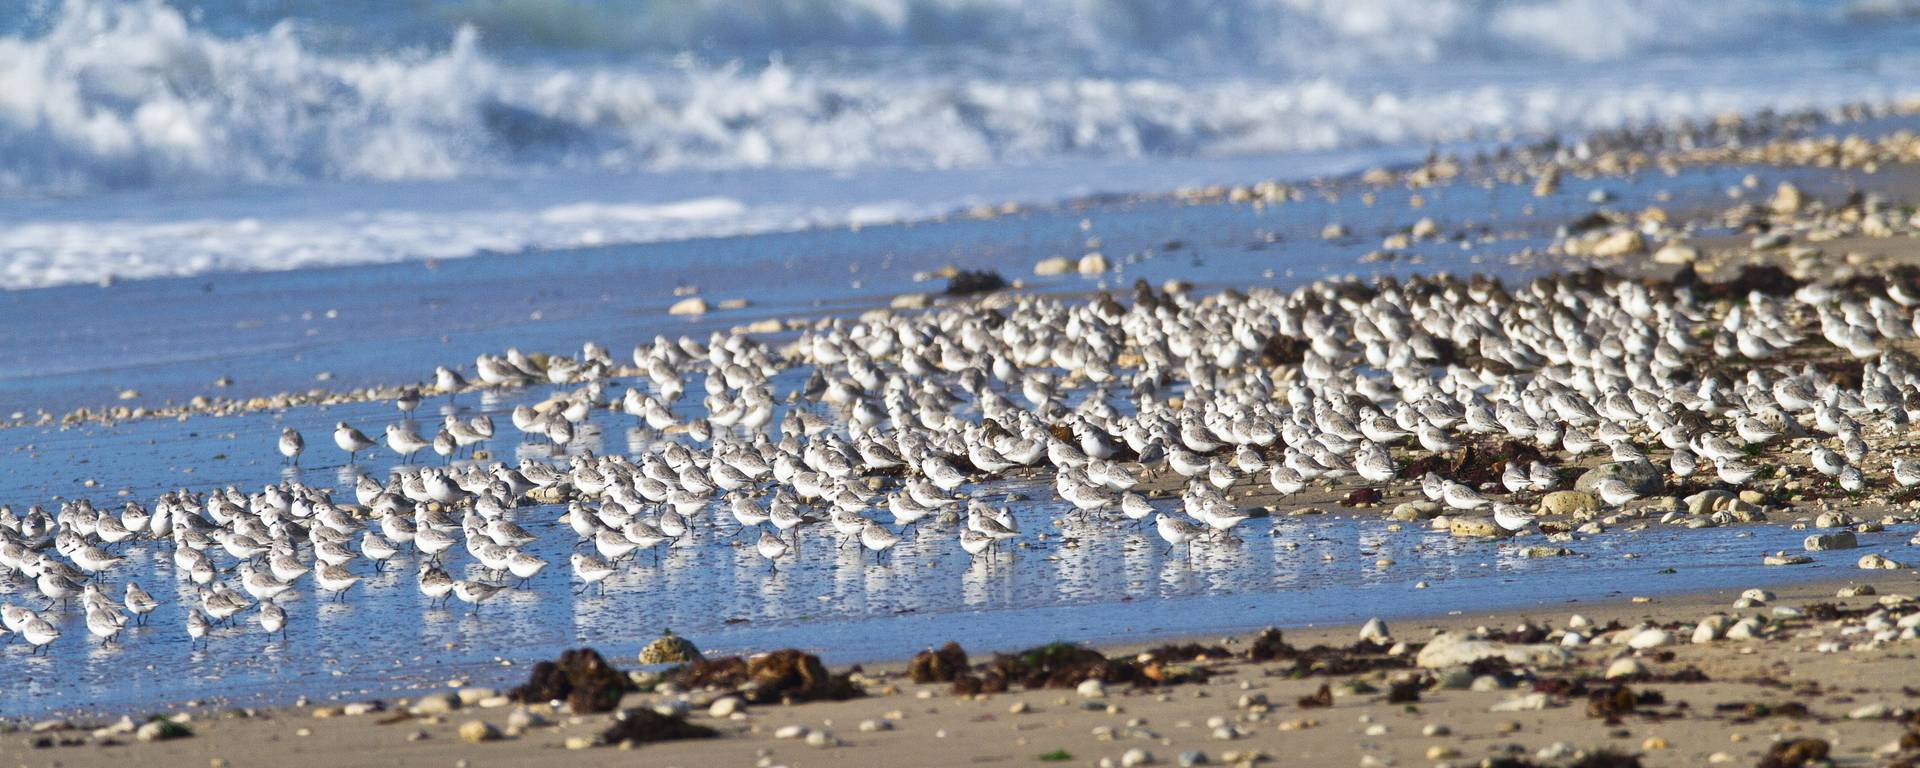 Oiseaux au bord de l'océan par François Blanchard